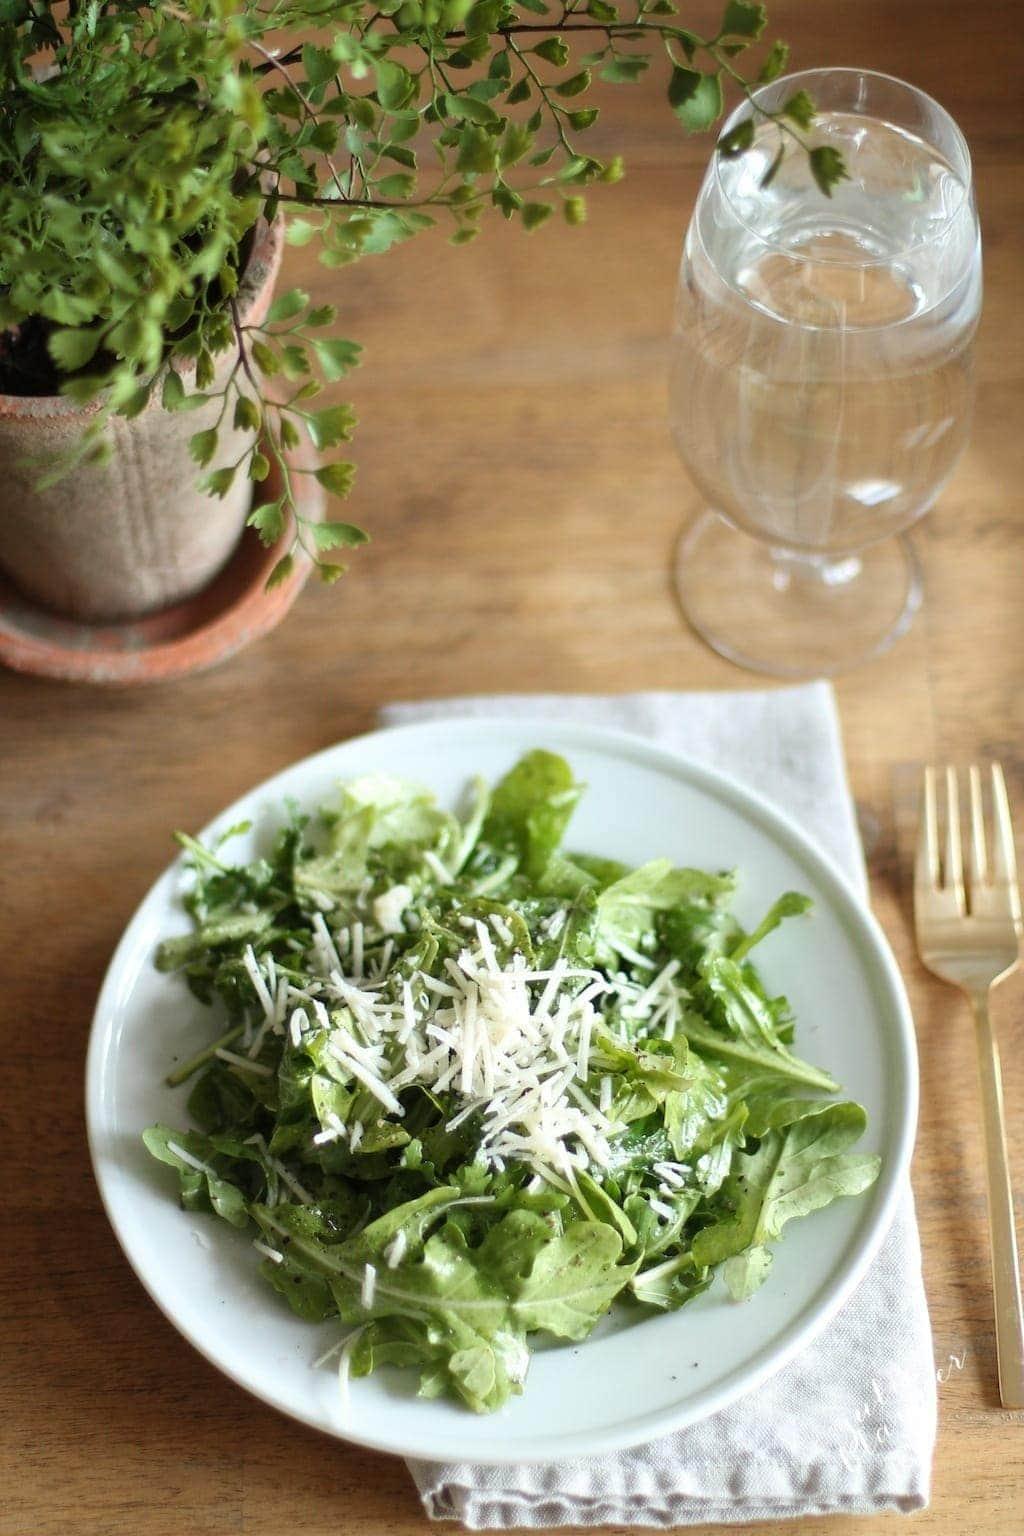 Summer Side Salad | Lemon Vinaigrette - Julie Blanner entertaining ...